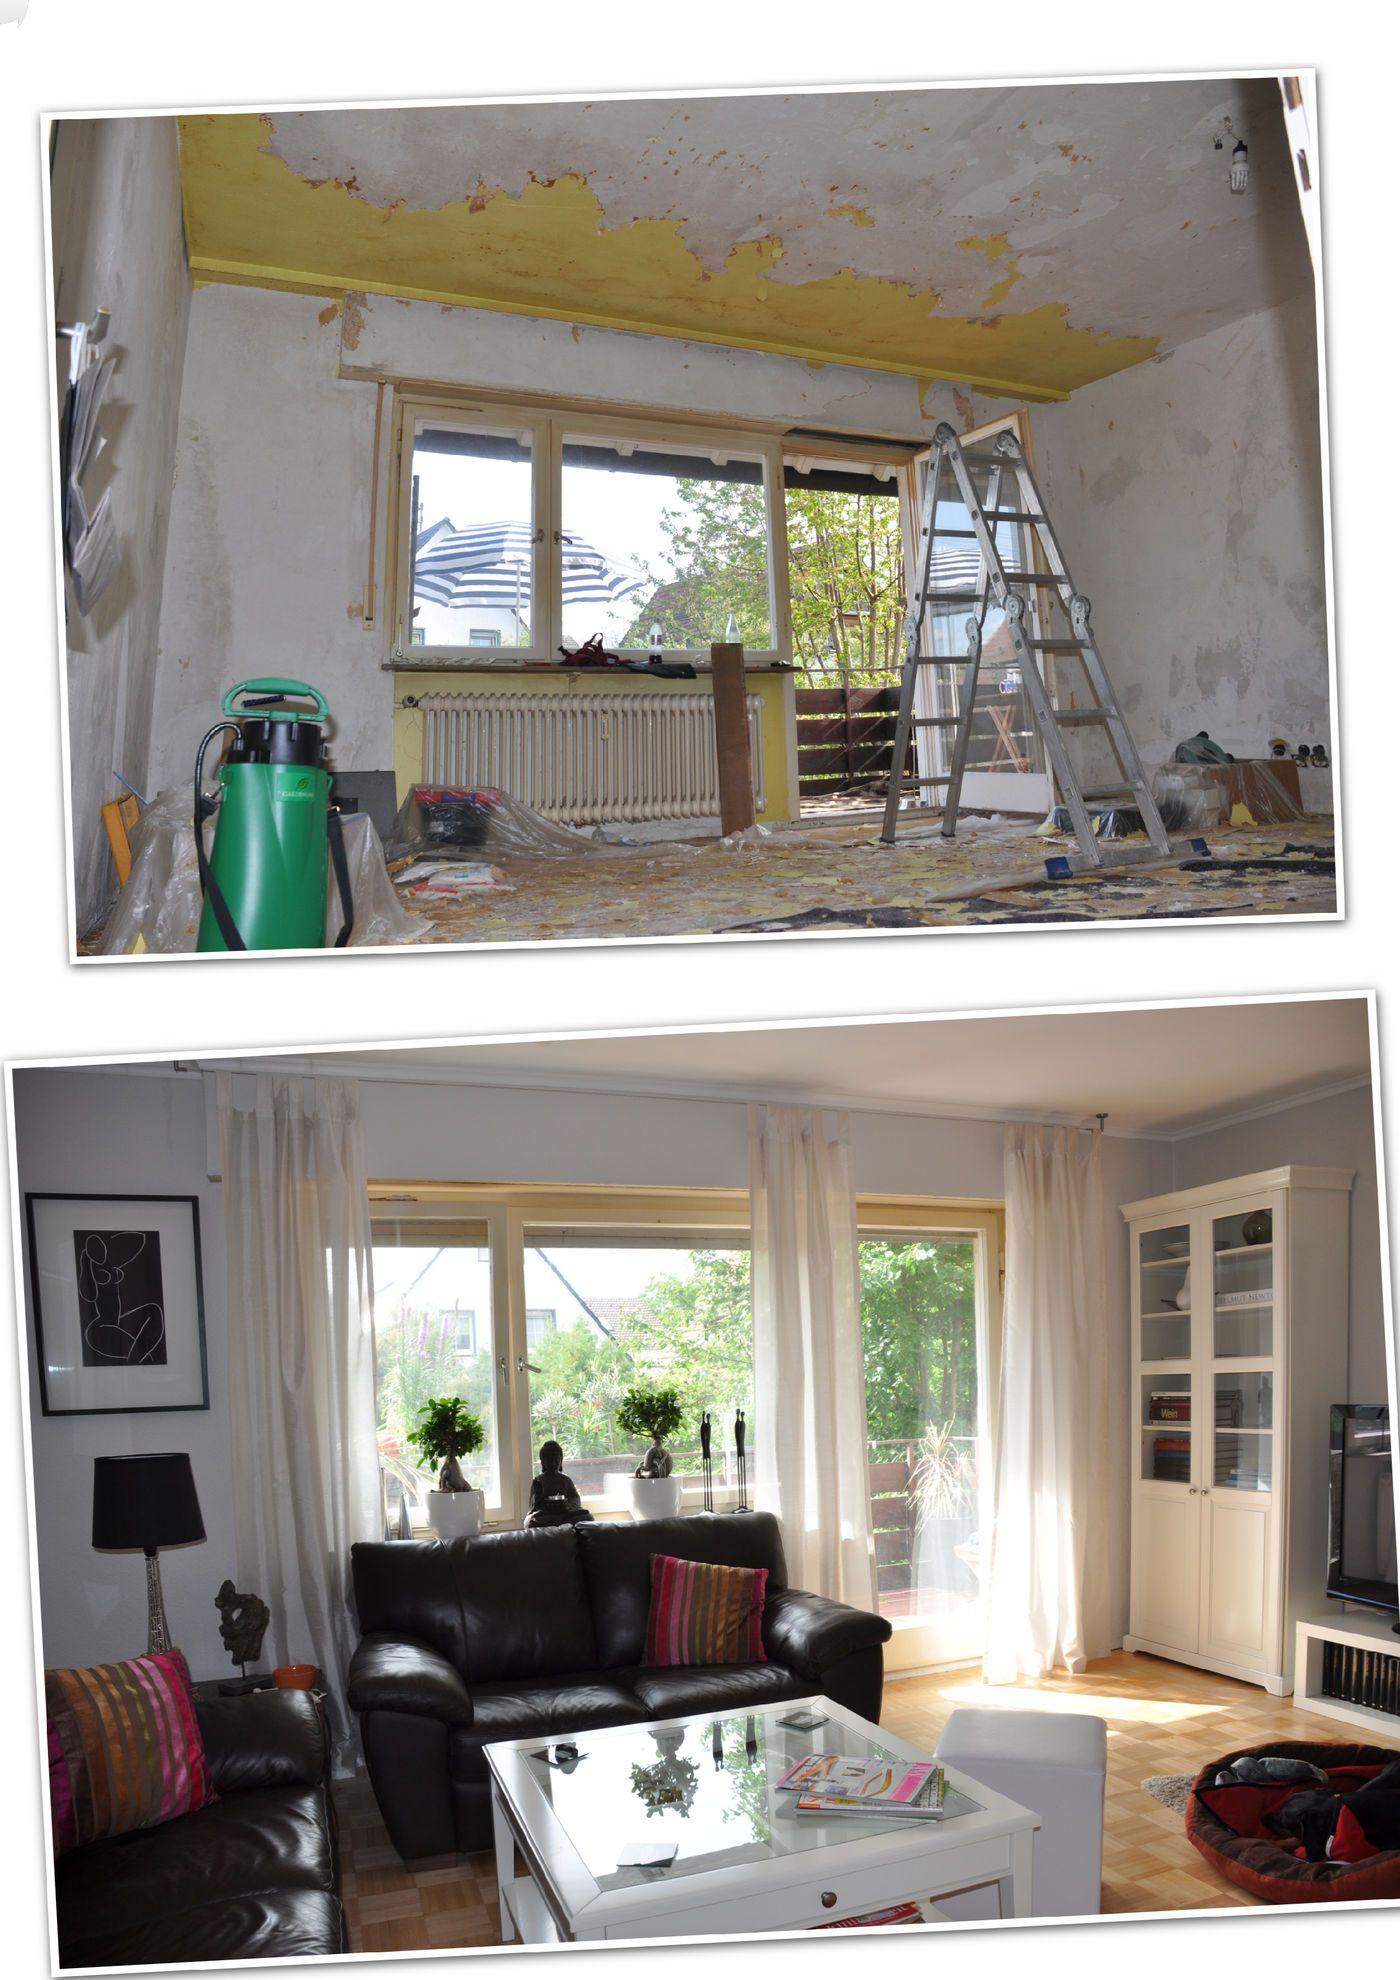 Wohnung Renovieren Tipps & Ideen - Seite 31